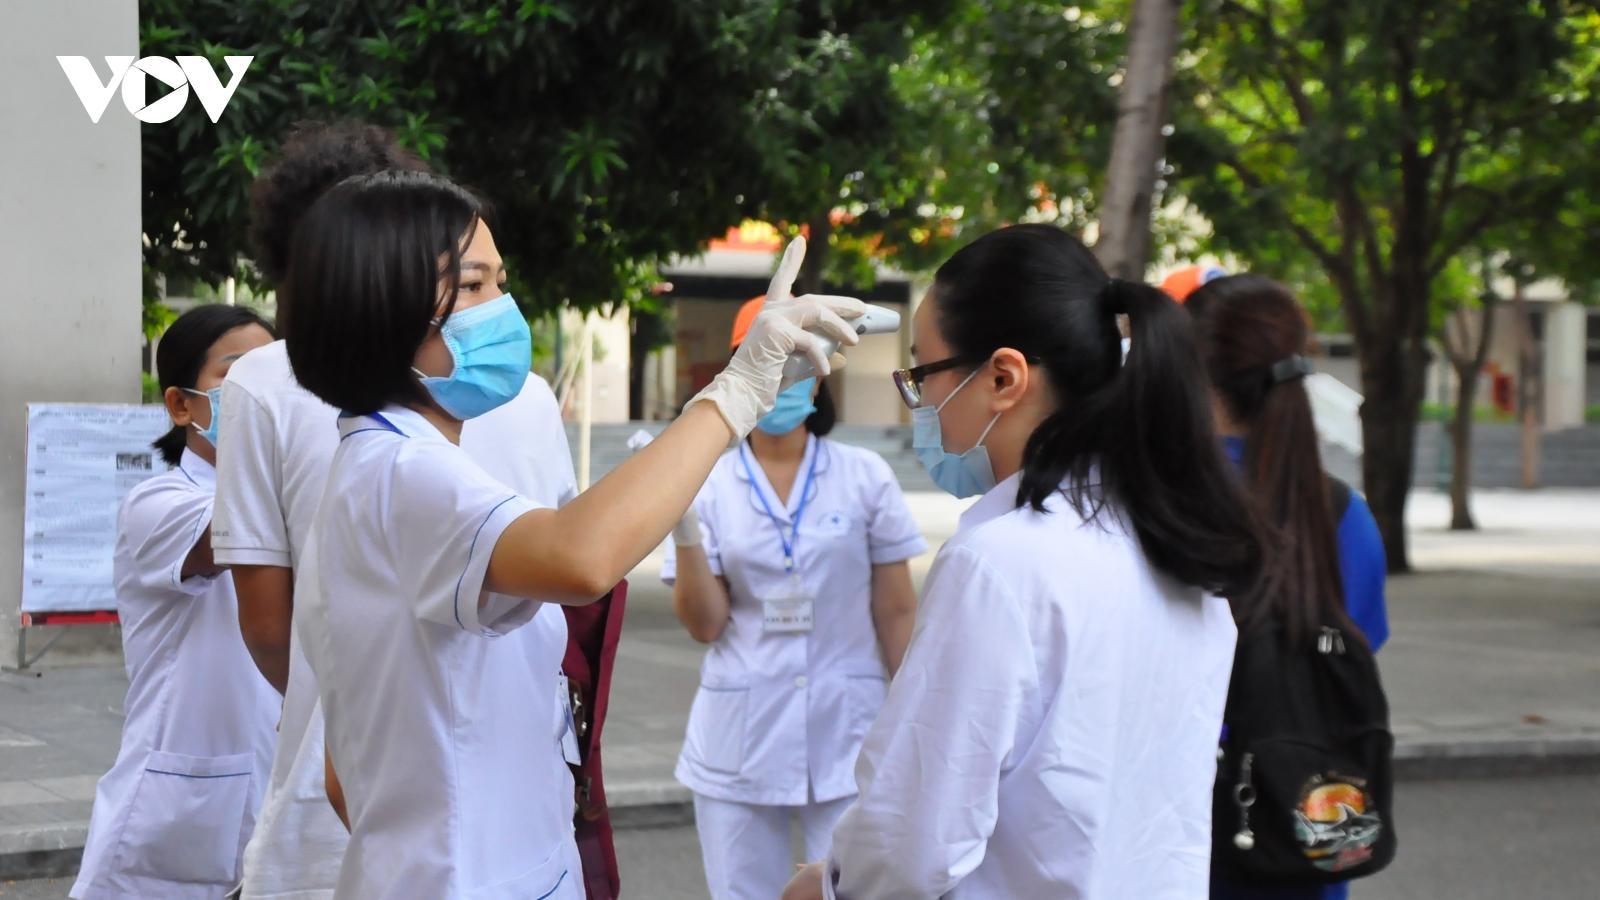 Đà Nẵng, Quảng Nam, Đắk Lắk sẽ tổ chức thi tốt nghiệp THPT ngày 3-4/9